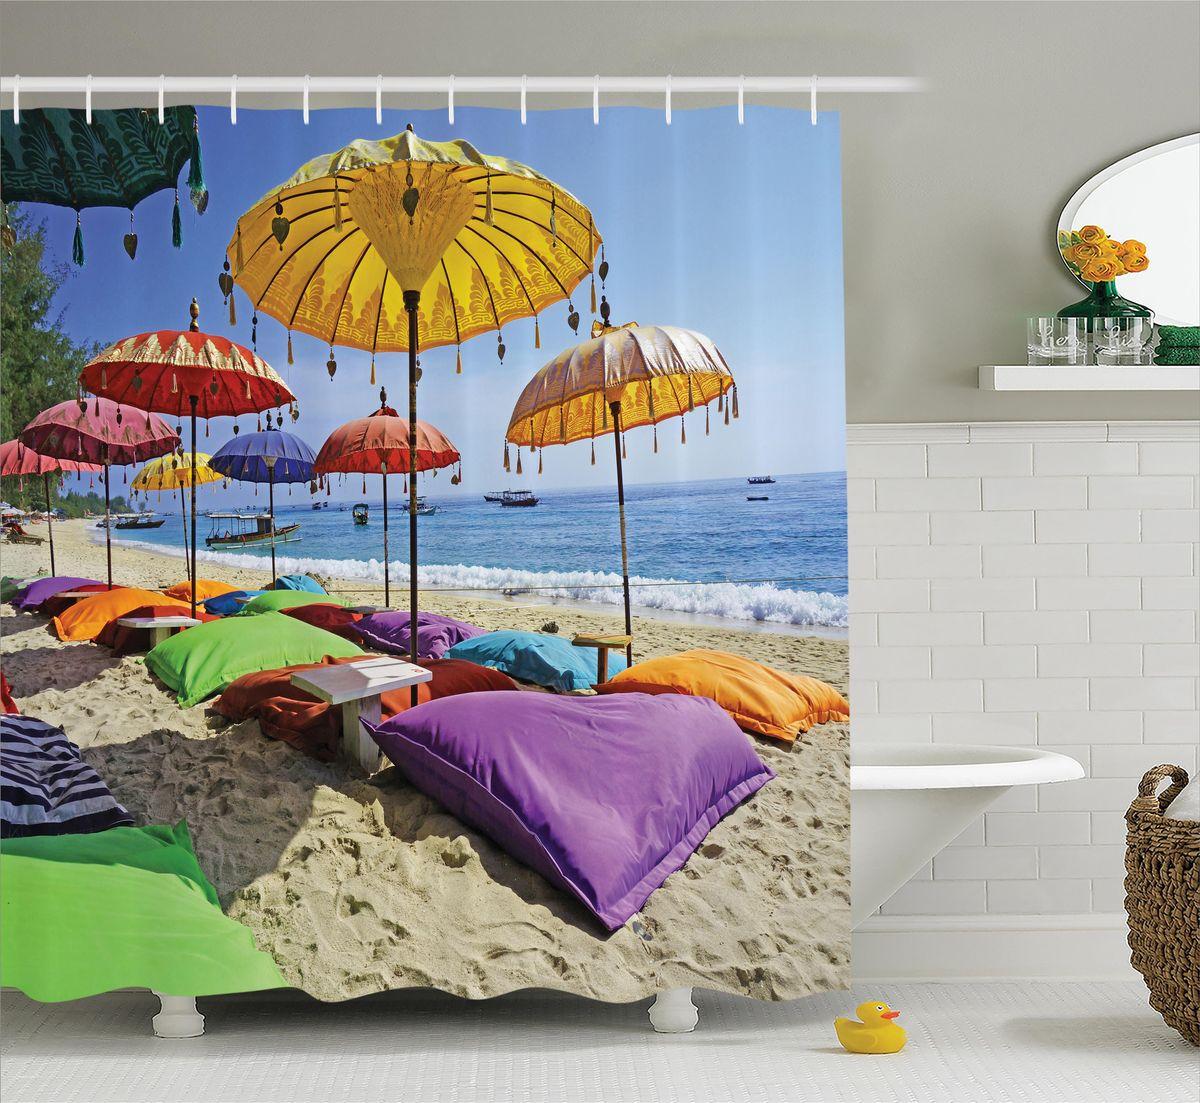 Штора для ванной комнаты Magic Lady Зонтики на пляже, 180 х 200 см49300Штора Magic Lady Зонтики на пляже, изготовленная из высококачественного сатена (полиэстер 100%), отлично дополнит любой интерьер ванной комнаты. При изготовлении используются специальные гипоаллергенные чернила для прямой печати по ткани, безопасные для человека.В комплекте: 1 штора, 12 крючков. Обращаем ваше внимание, фактический цвет изделия может незначительно отличаться от представленного на фото.